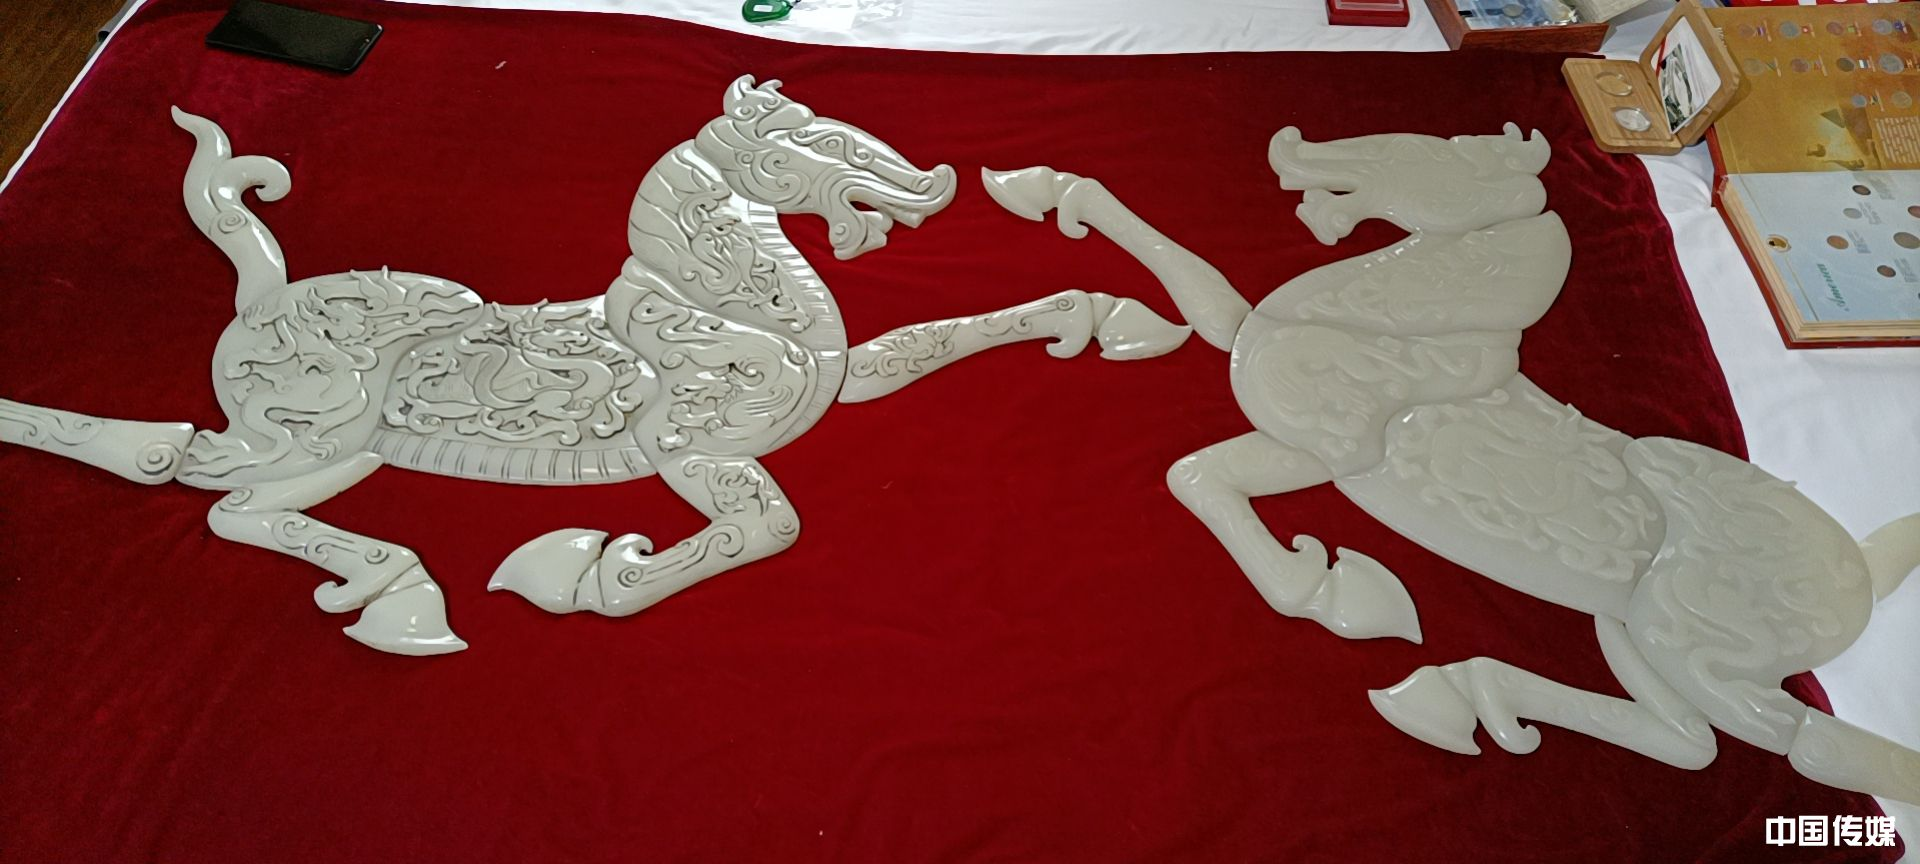 第十八届潍坊全国大型古玩宾馆交流会举办 万件藏品床上摆 百余房间任你逛